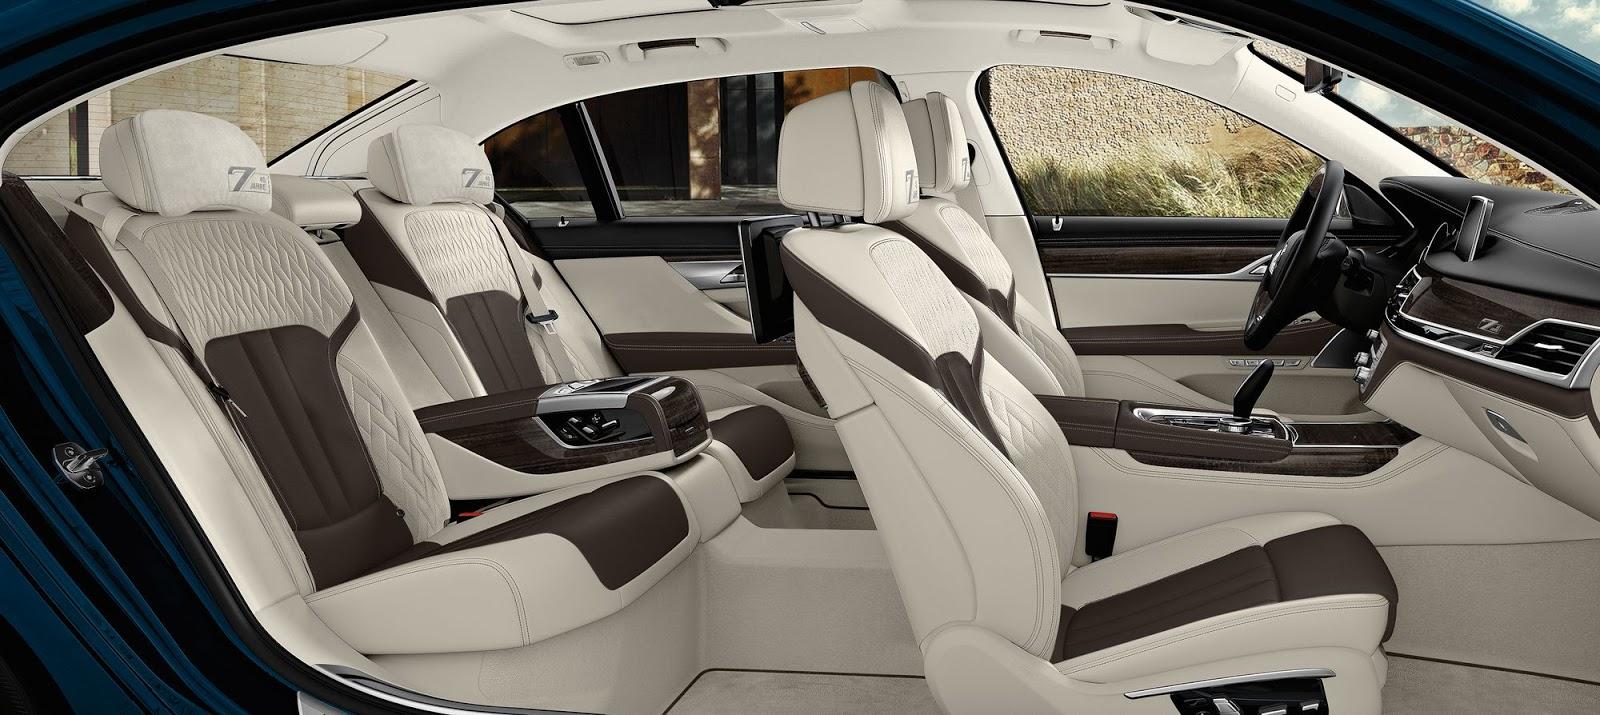 BMW-7-Series-40-Jahre-10